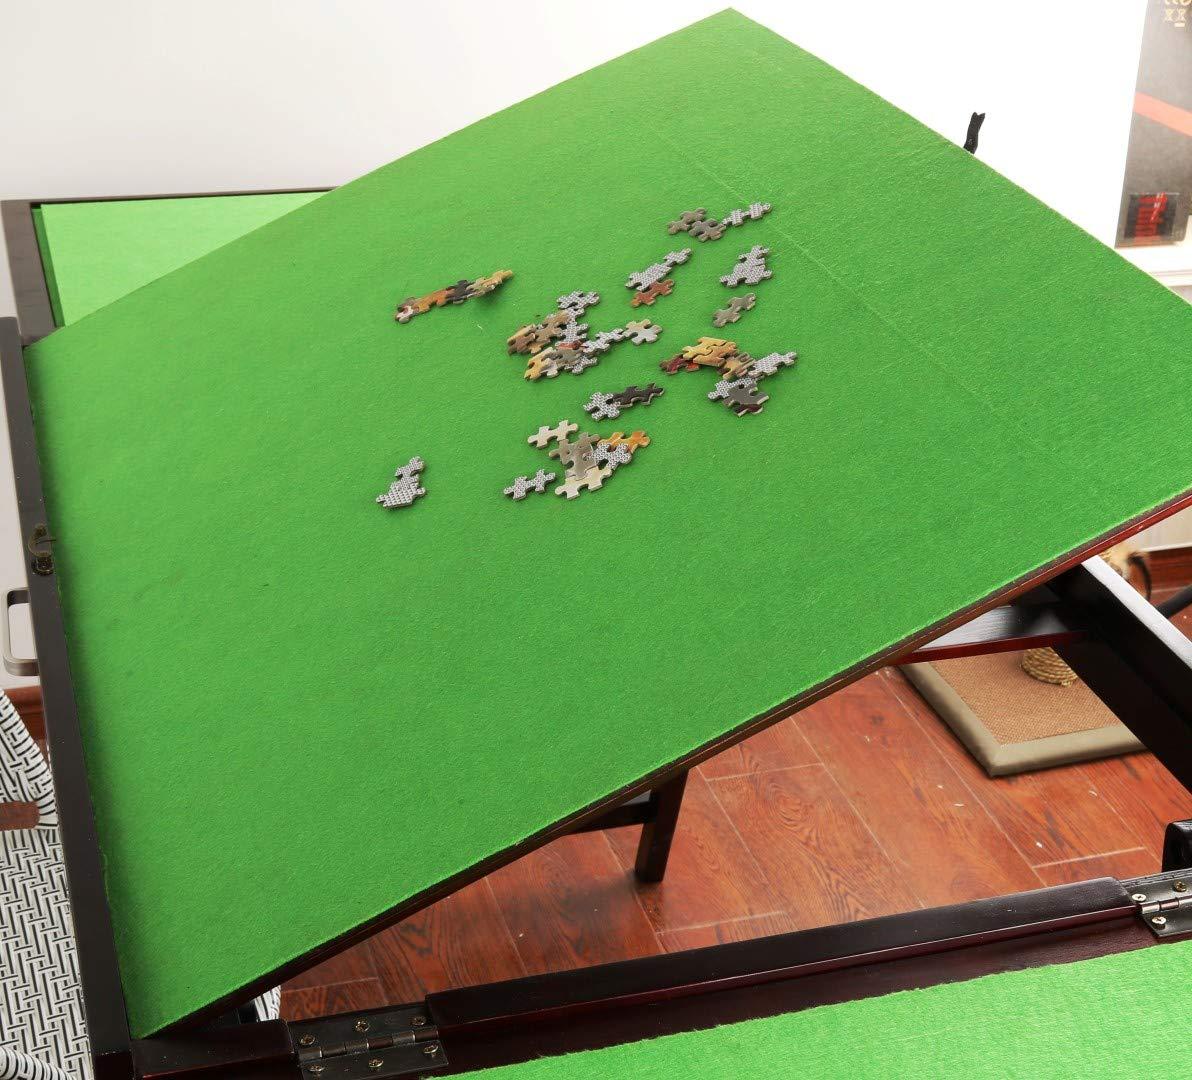 Amazon.com: 2019 - Puzle de mesa plegable (1500 piezas ...